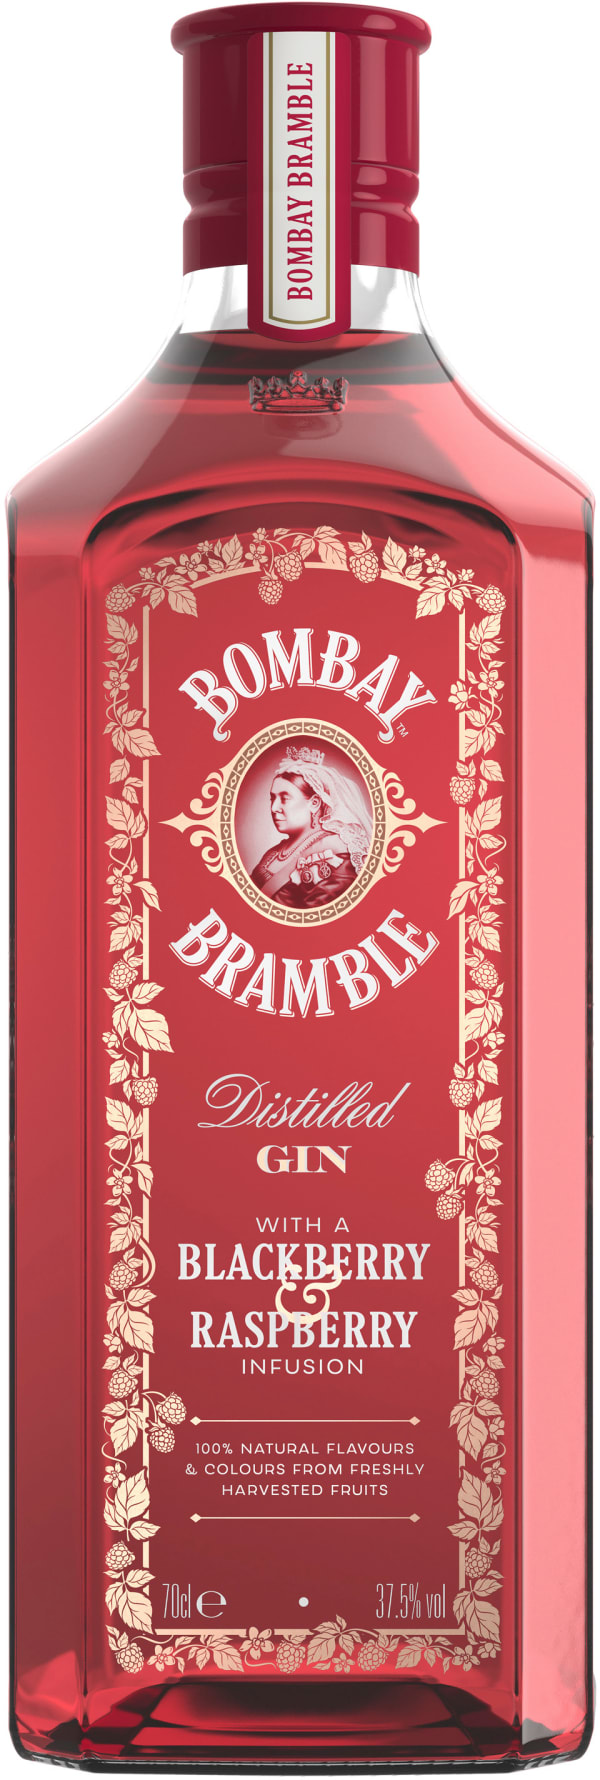 Bombay Bramble